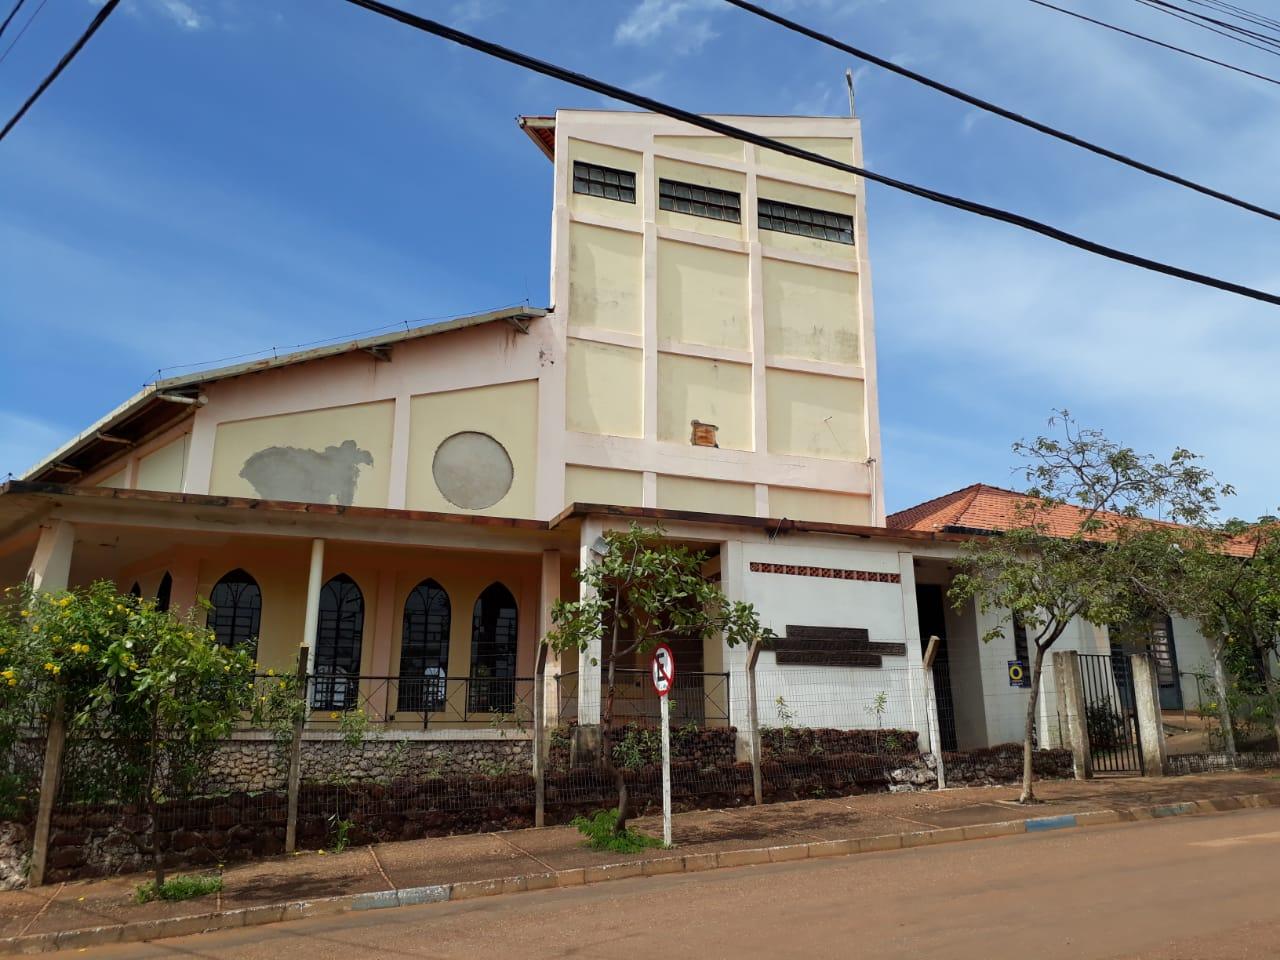 Paróquia Santa Teresinha promove campanha para recuperar  telhados de templos religiosos